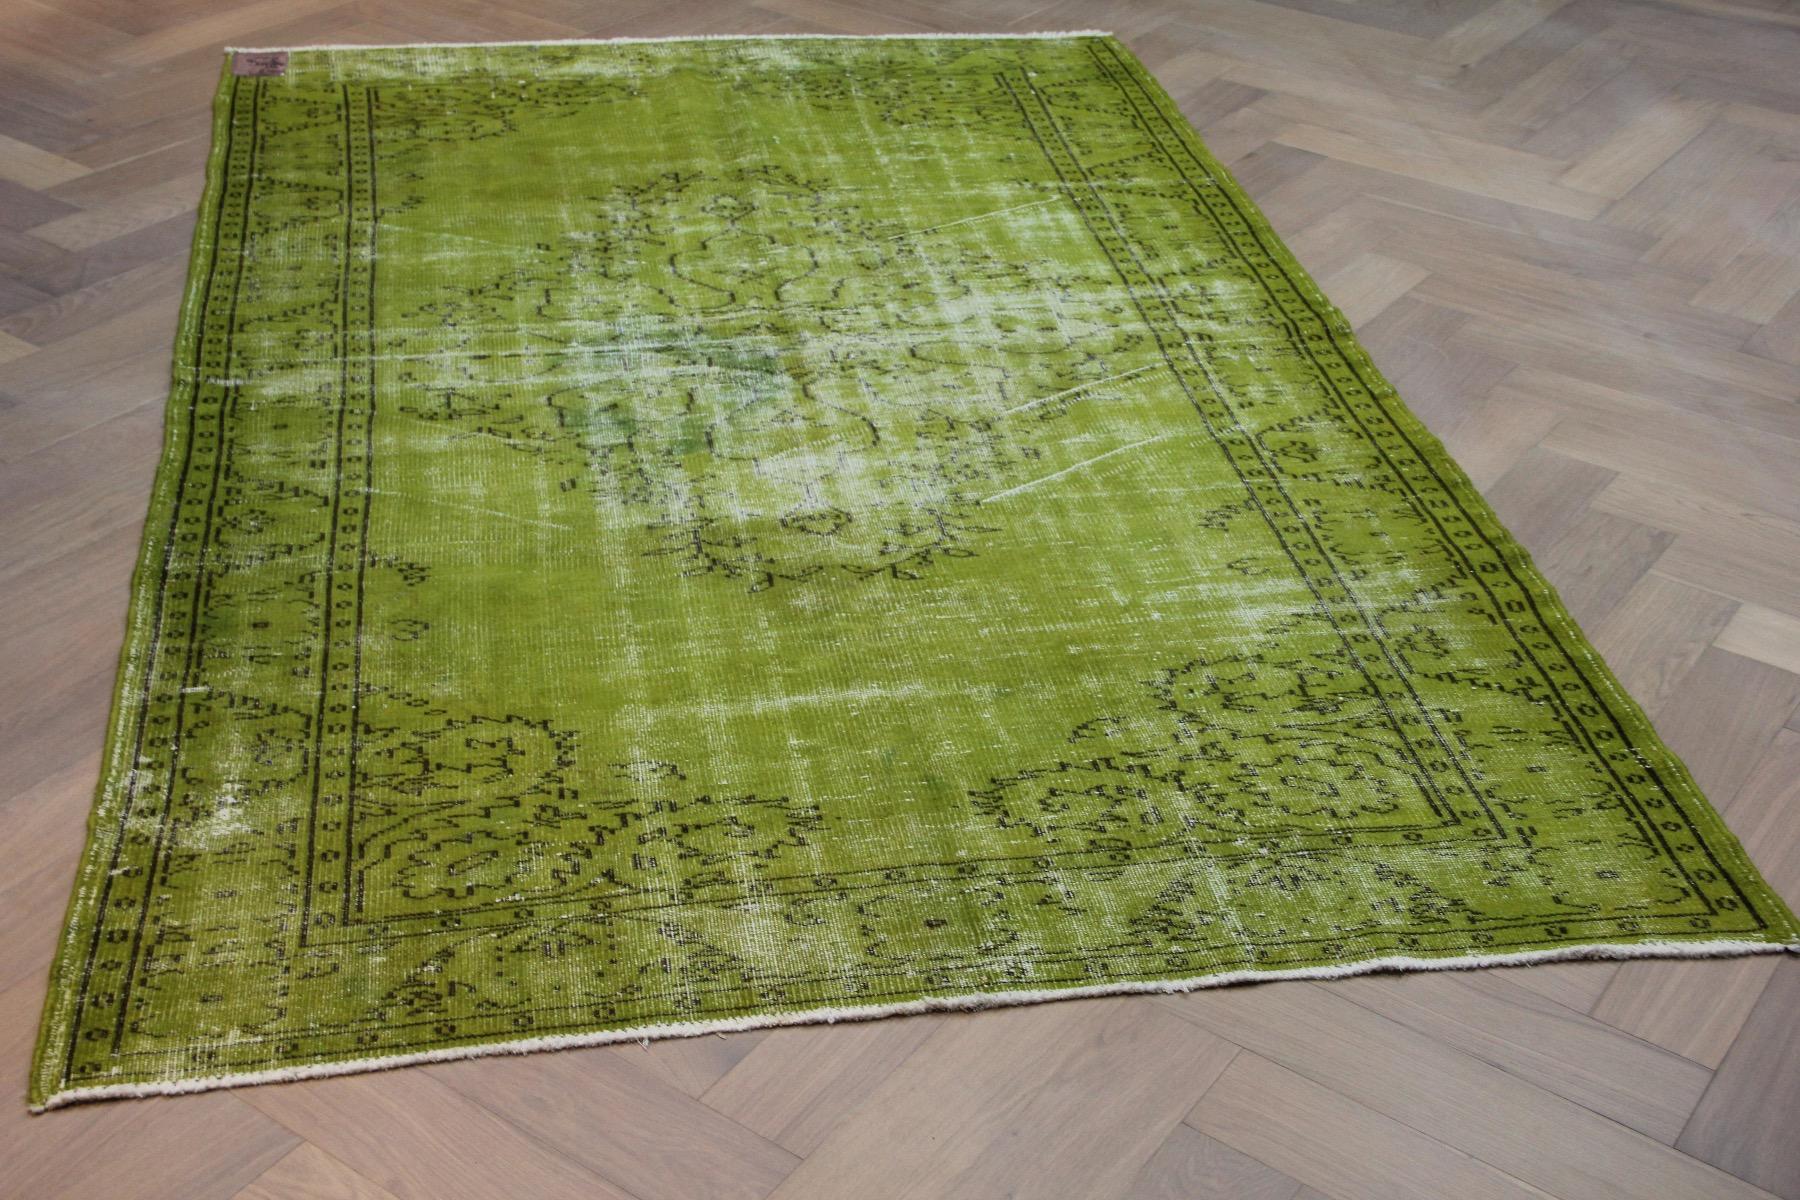 Vintage vloerkleed groen 183678 292cm x 206cm